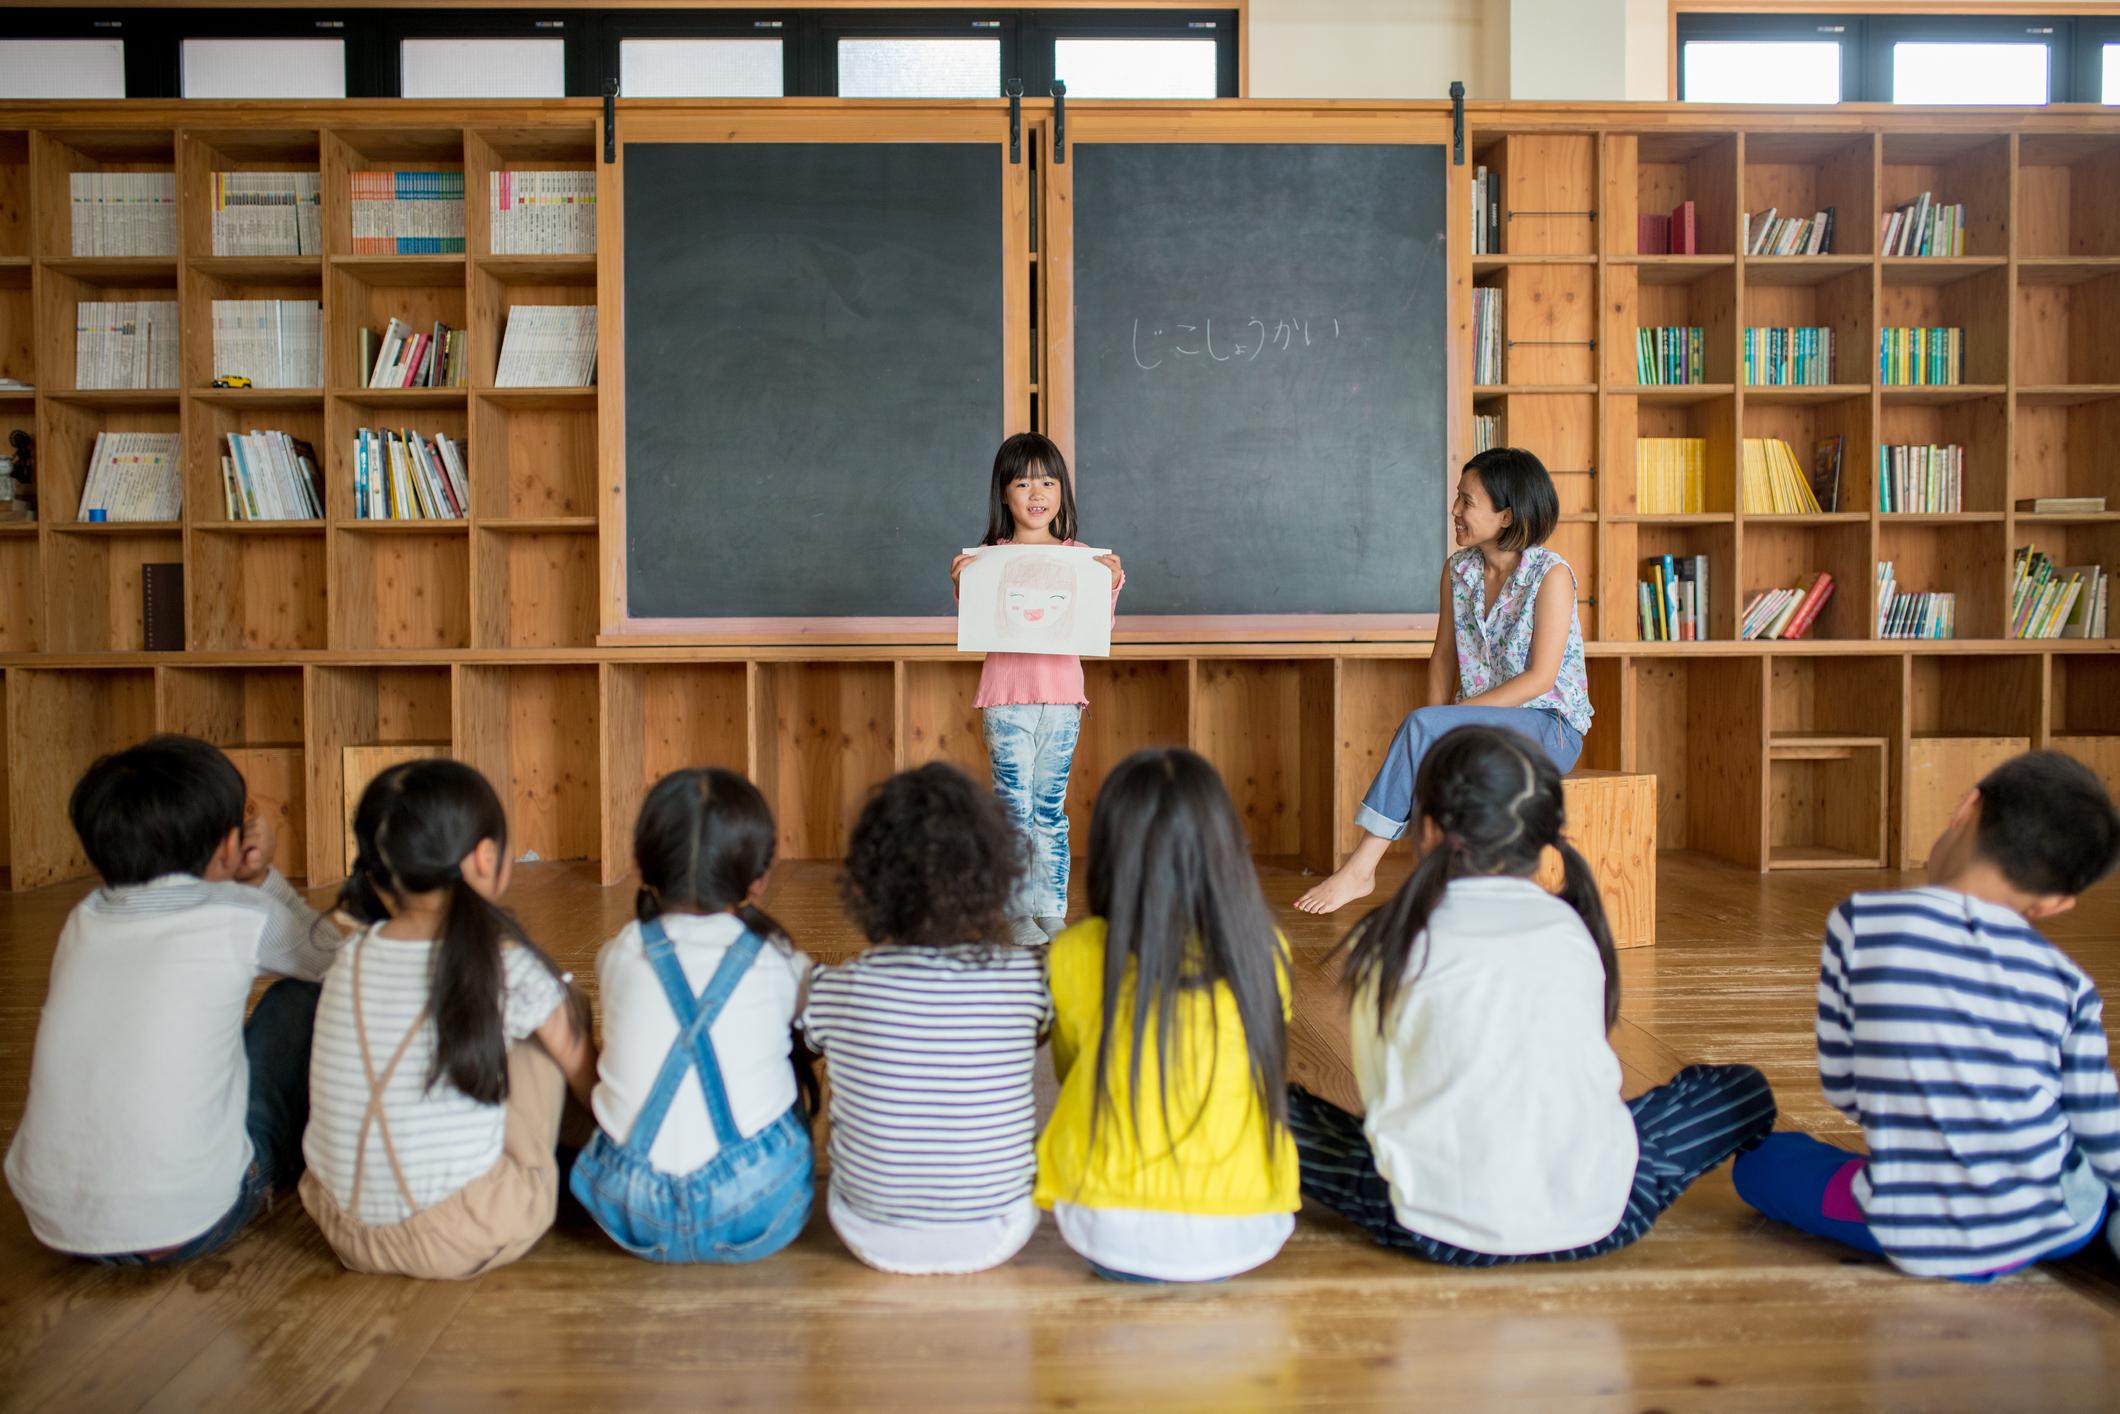 2. A educação no Japão tem forte ensino moral